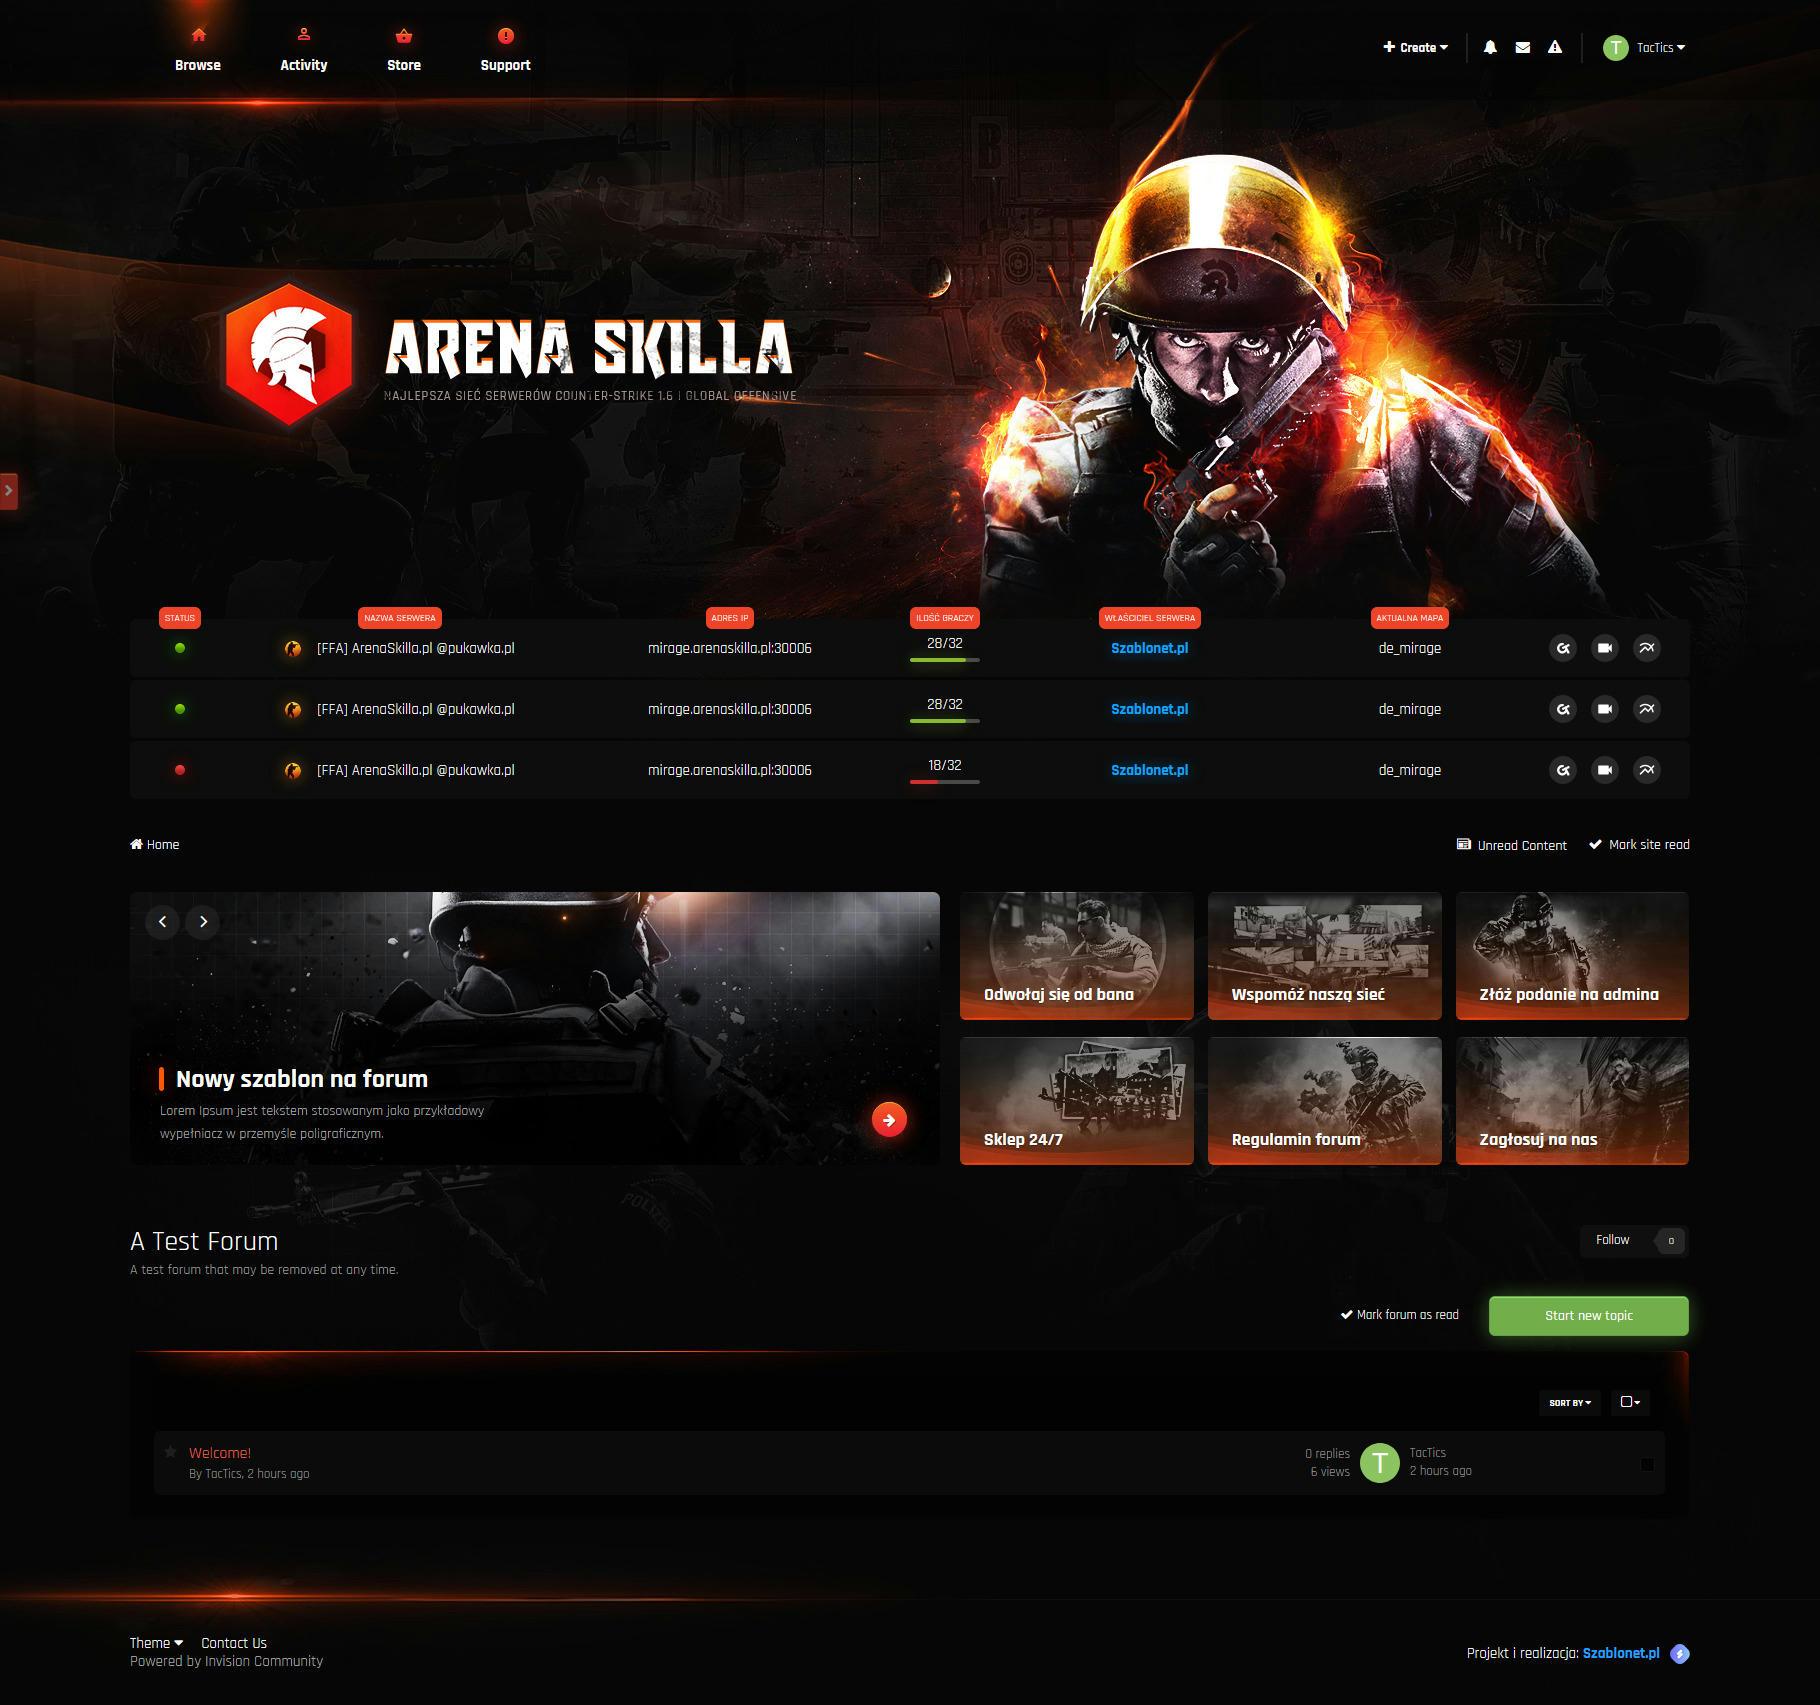 قالب Arena Skilla